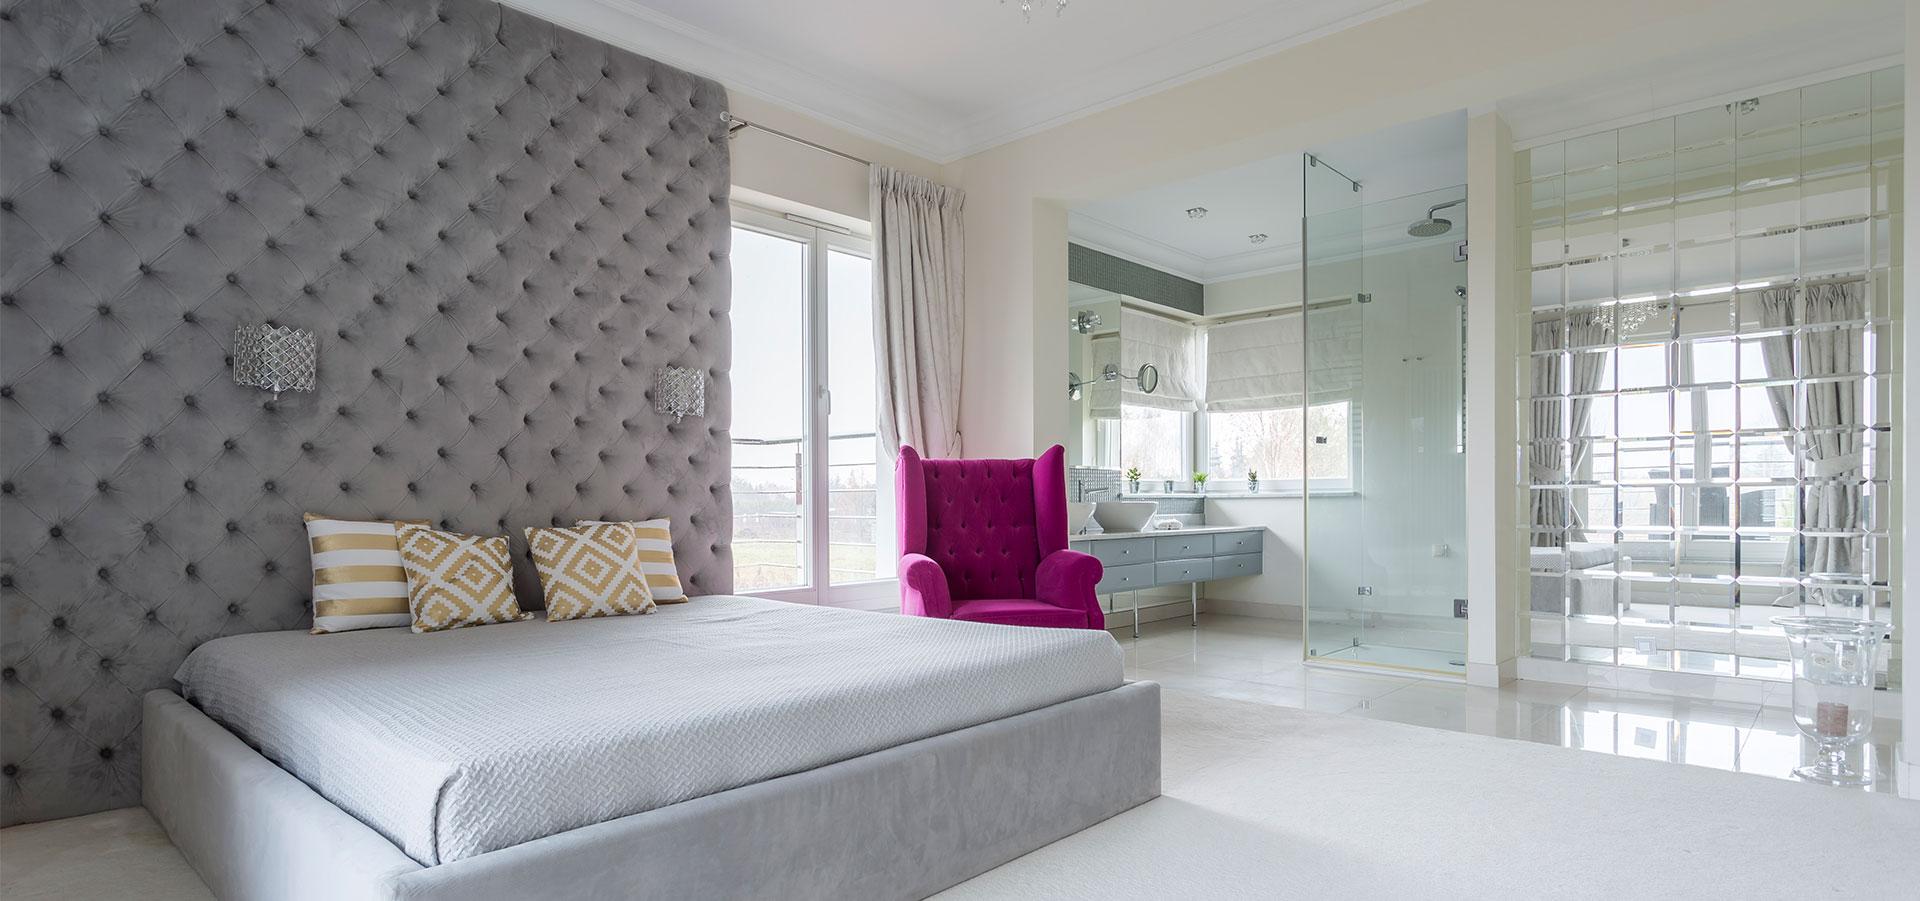 Inspirasjon til hjemmet: 8 interiørløsninger med glass